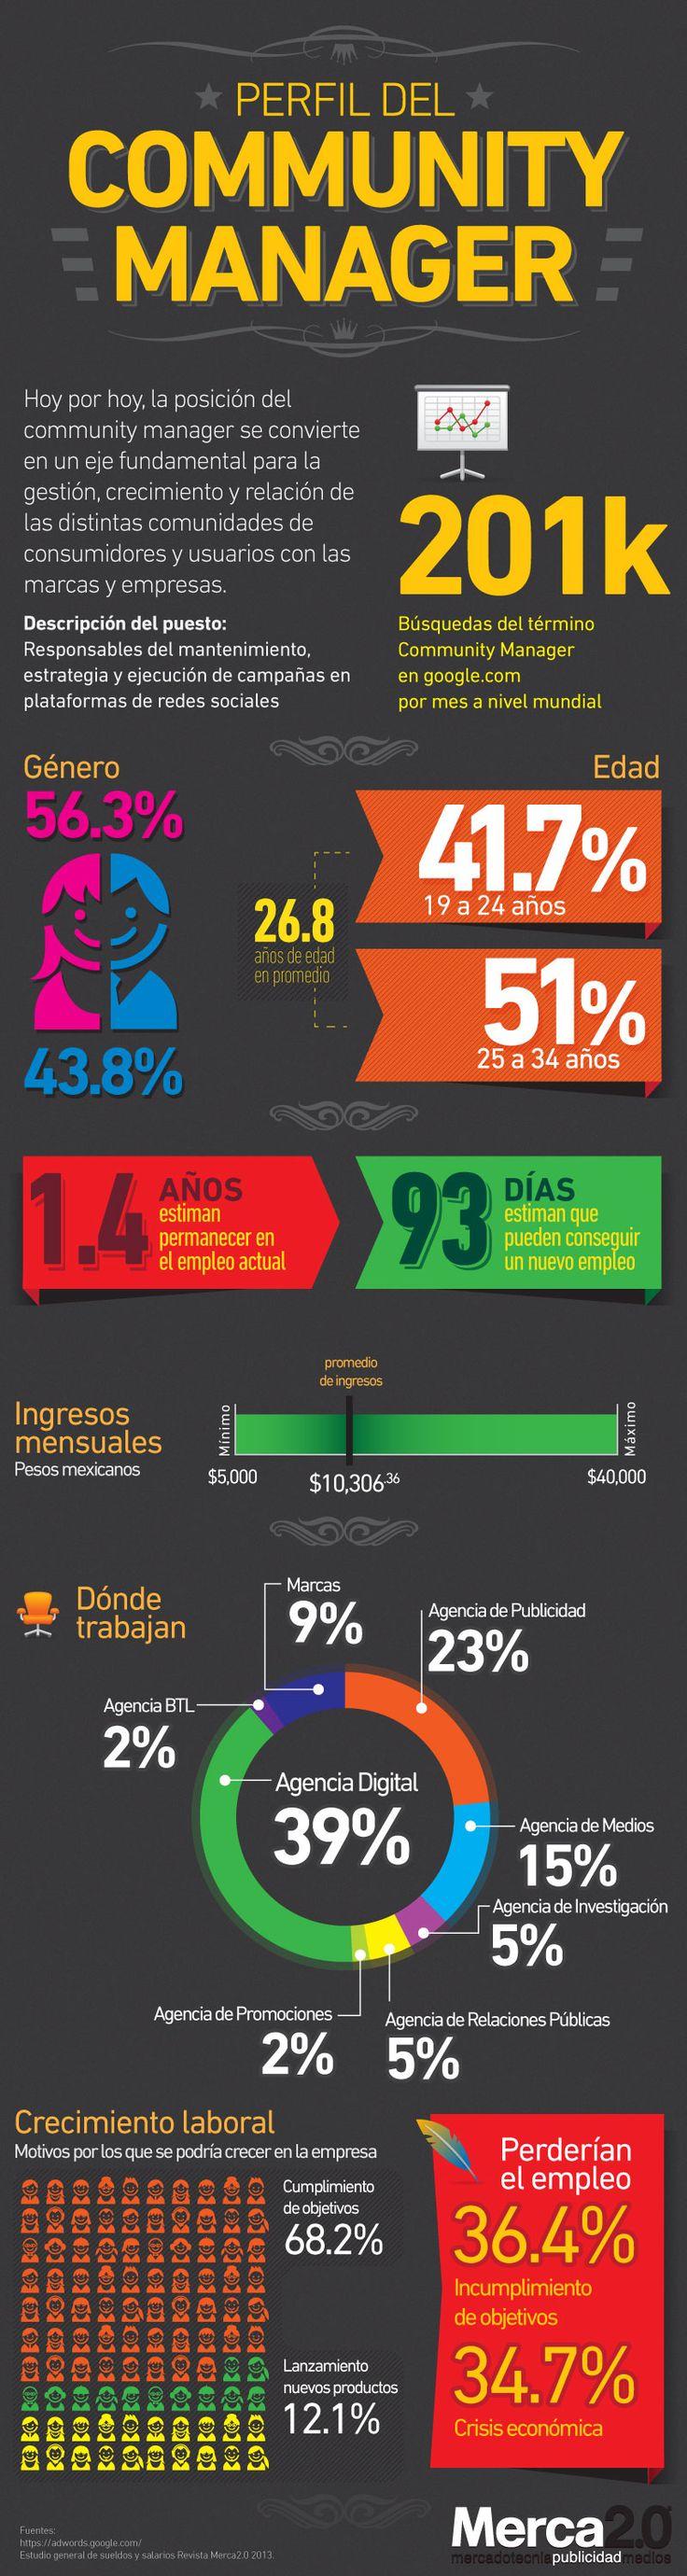 Perfil de los Community Managers en Latinoamérica